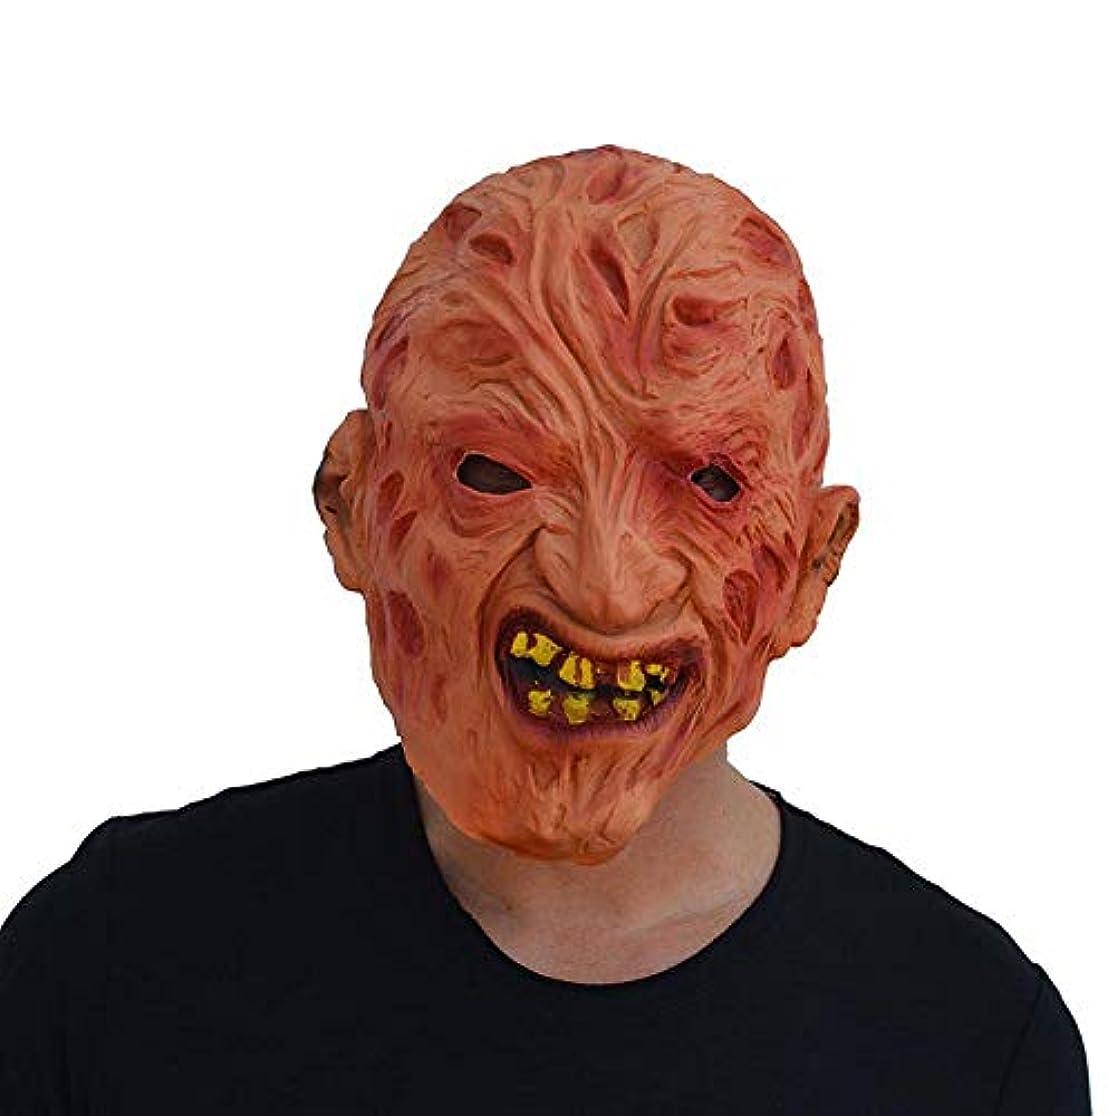 資源接ぎ木ランドリーハロウィンホラー腐った顔ゾンビマスクゴーストフェスティバルナイトクラブレイブパーティーマスク